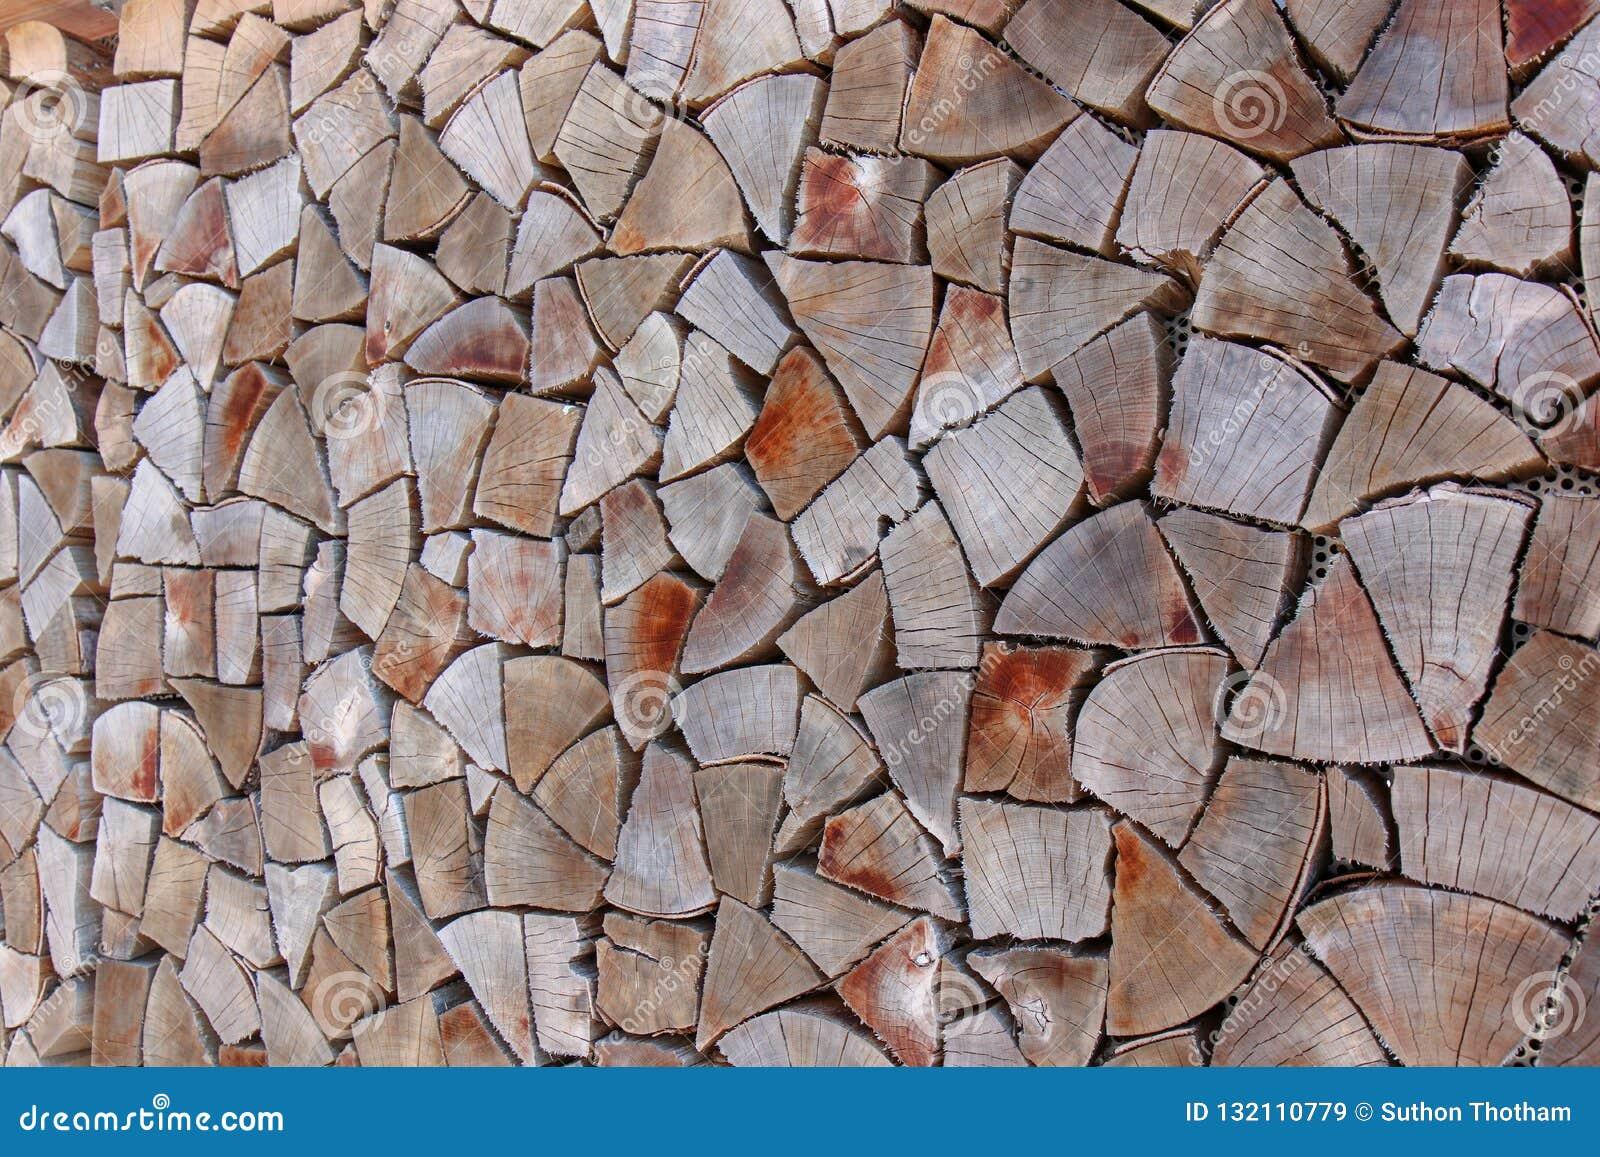 Achtergrond van de vierkante einden van de houten bars